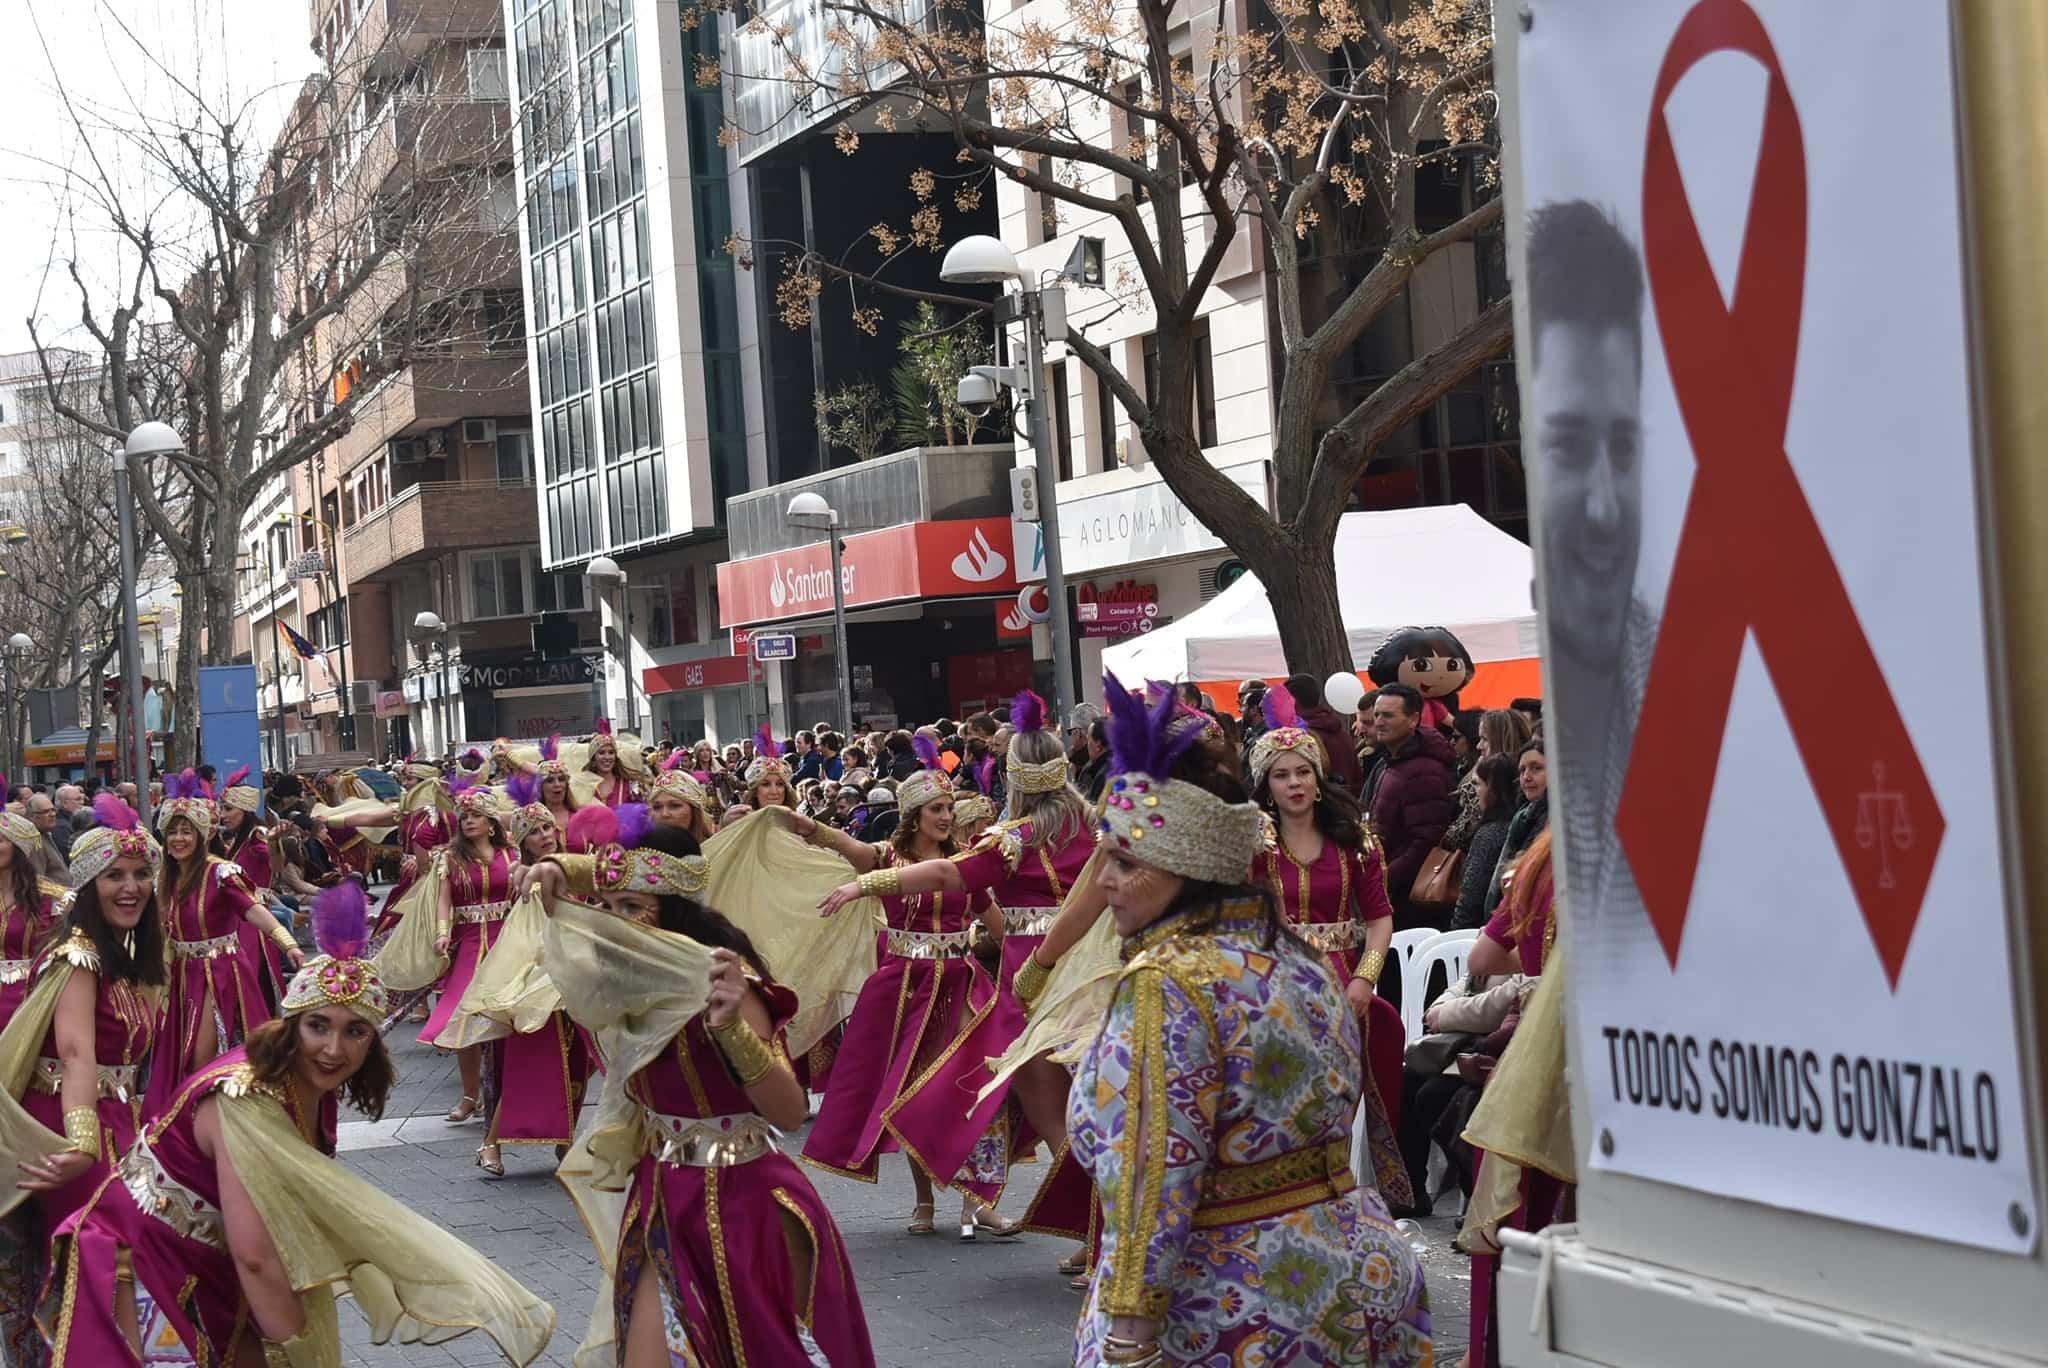 Carnaval de ciudad real 2020 axonsou arlequin oro herencia 1 - Axonsou se lleva el Arlequín de Oro en Ciudad Real